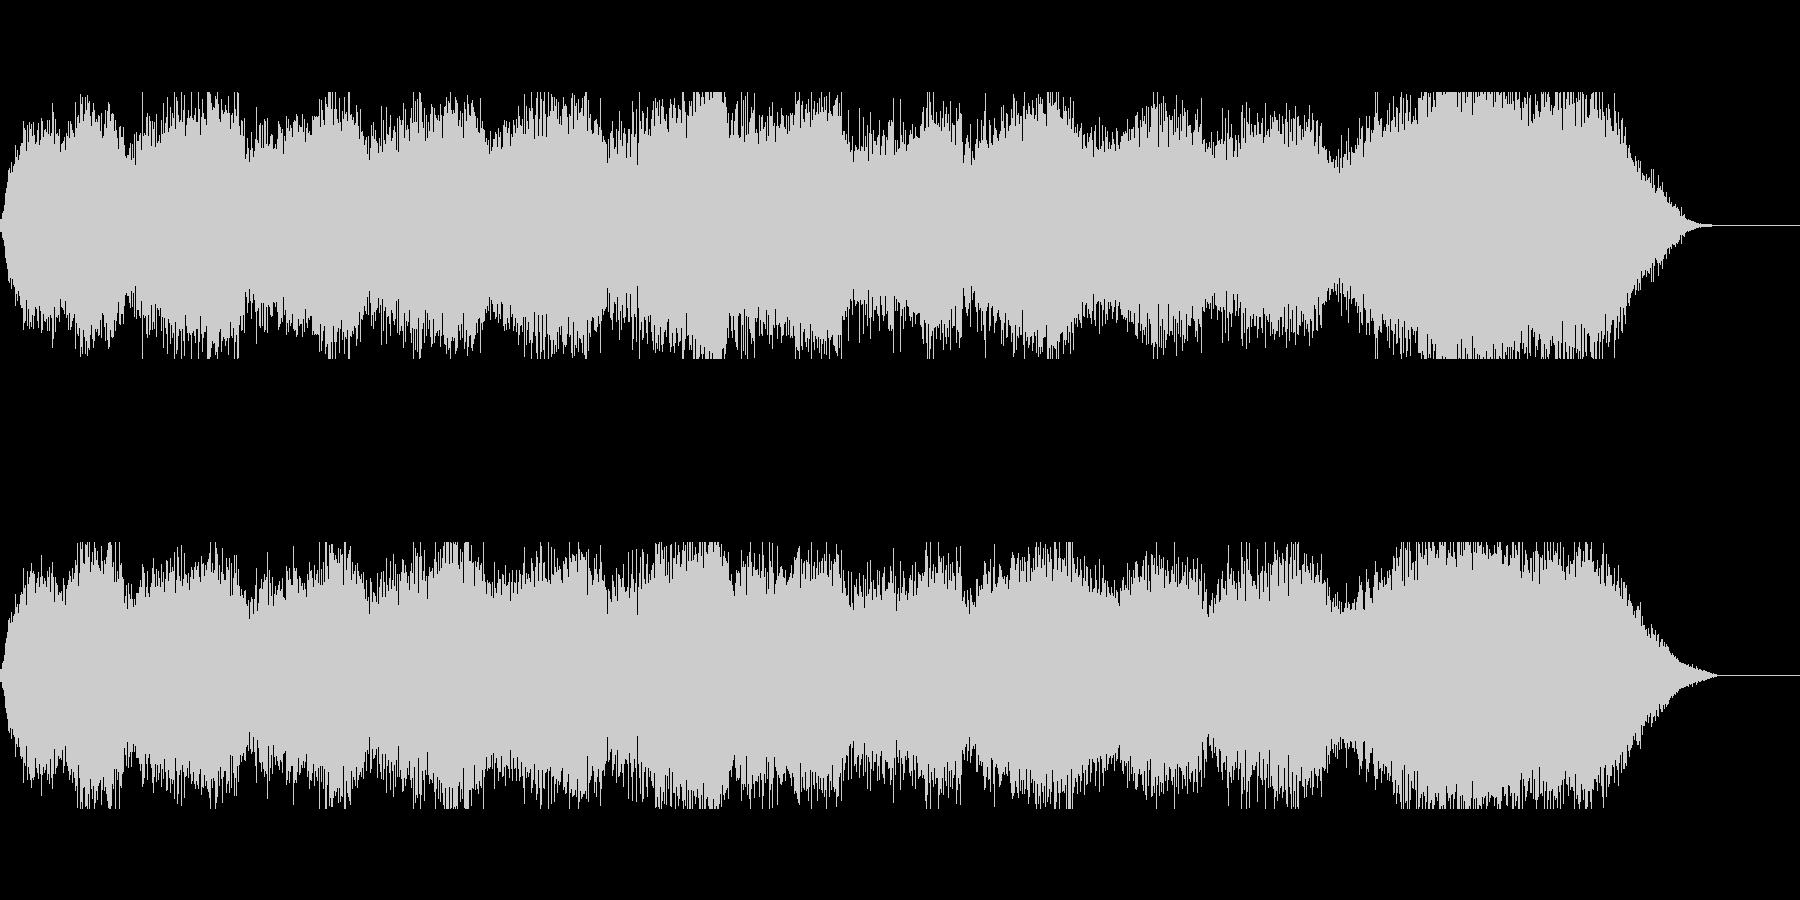 洞窟や塔のBGMにの未再生の波形